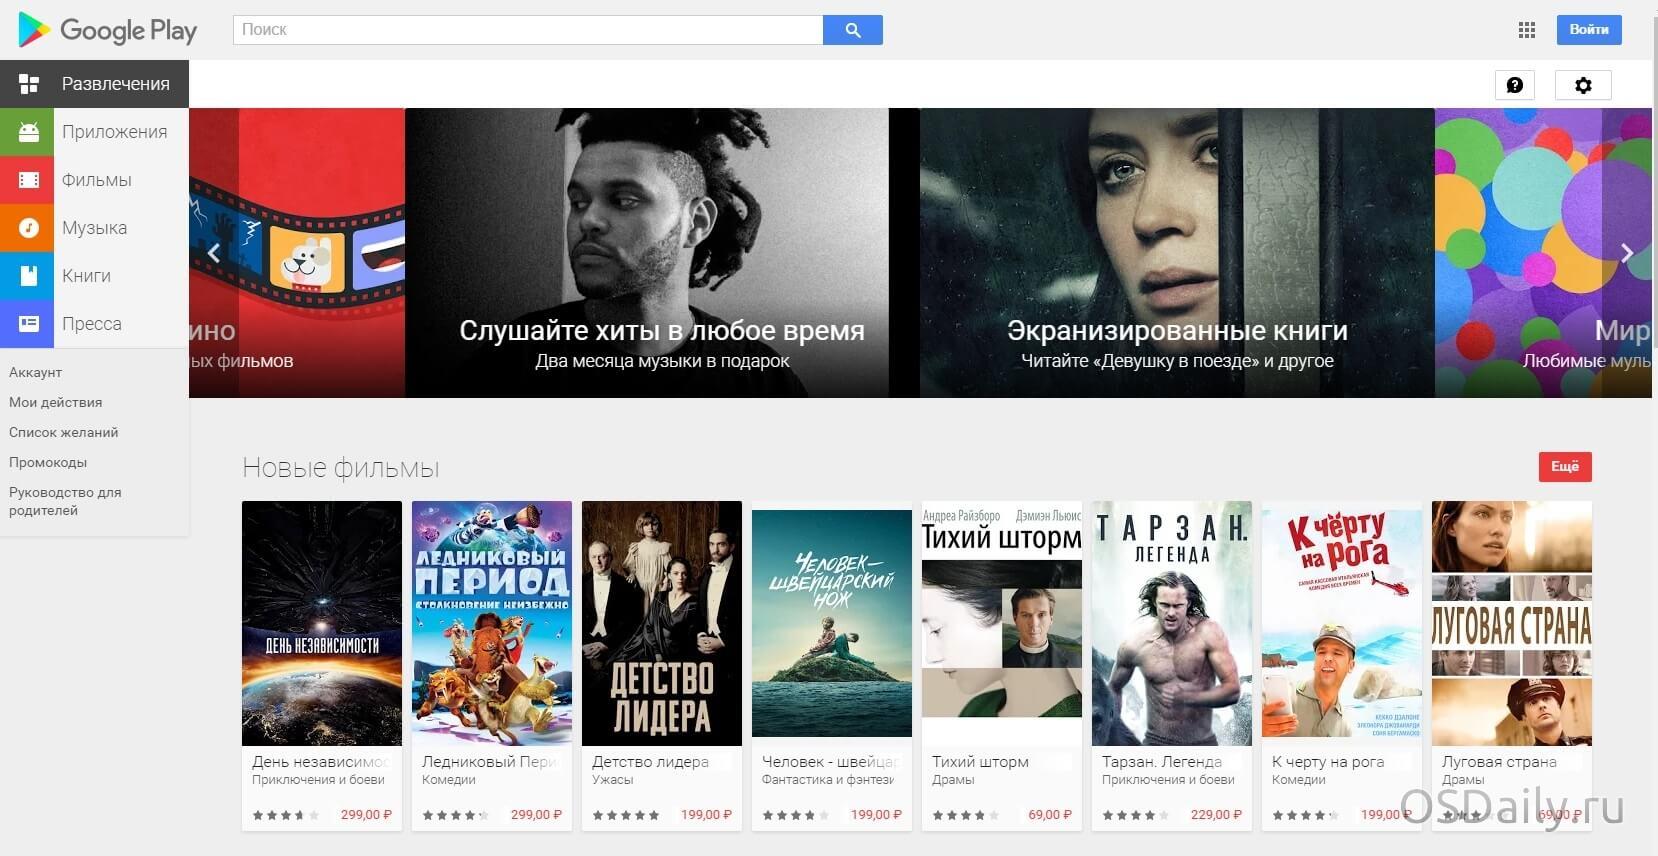 Лучшие Android-приложения за сентябрь 2016